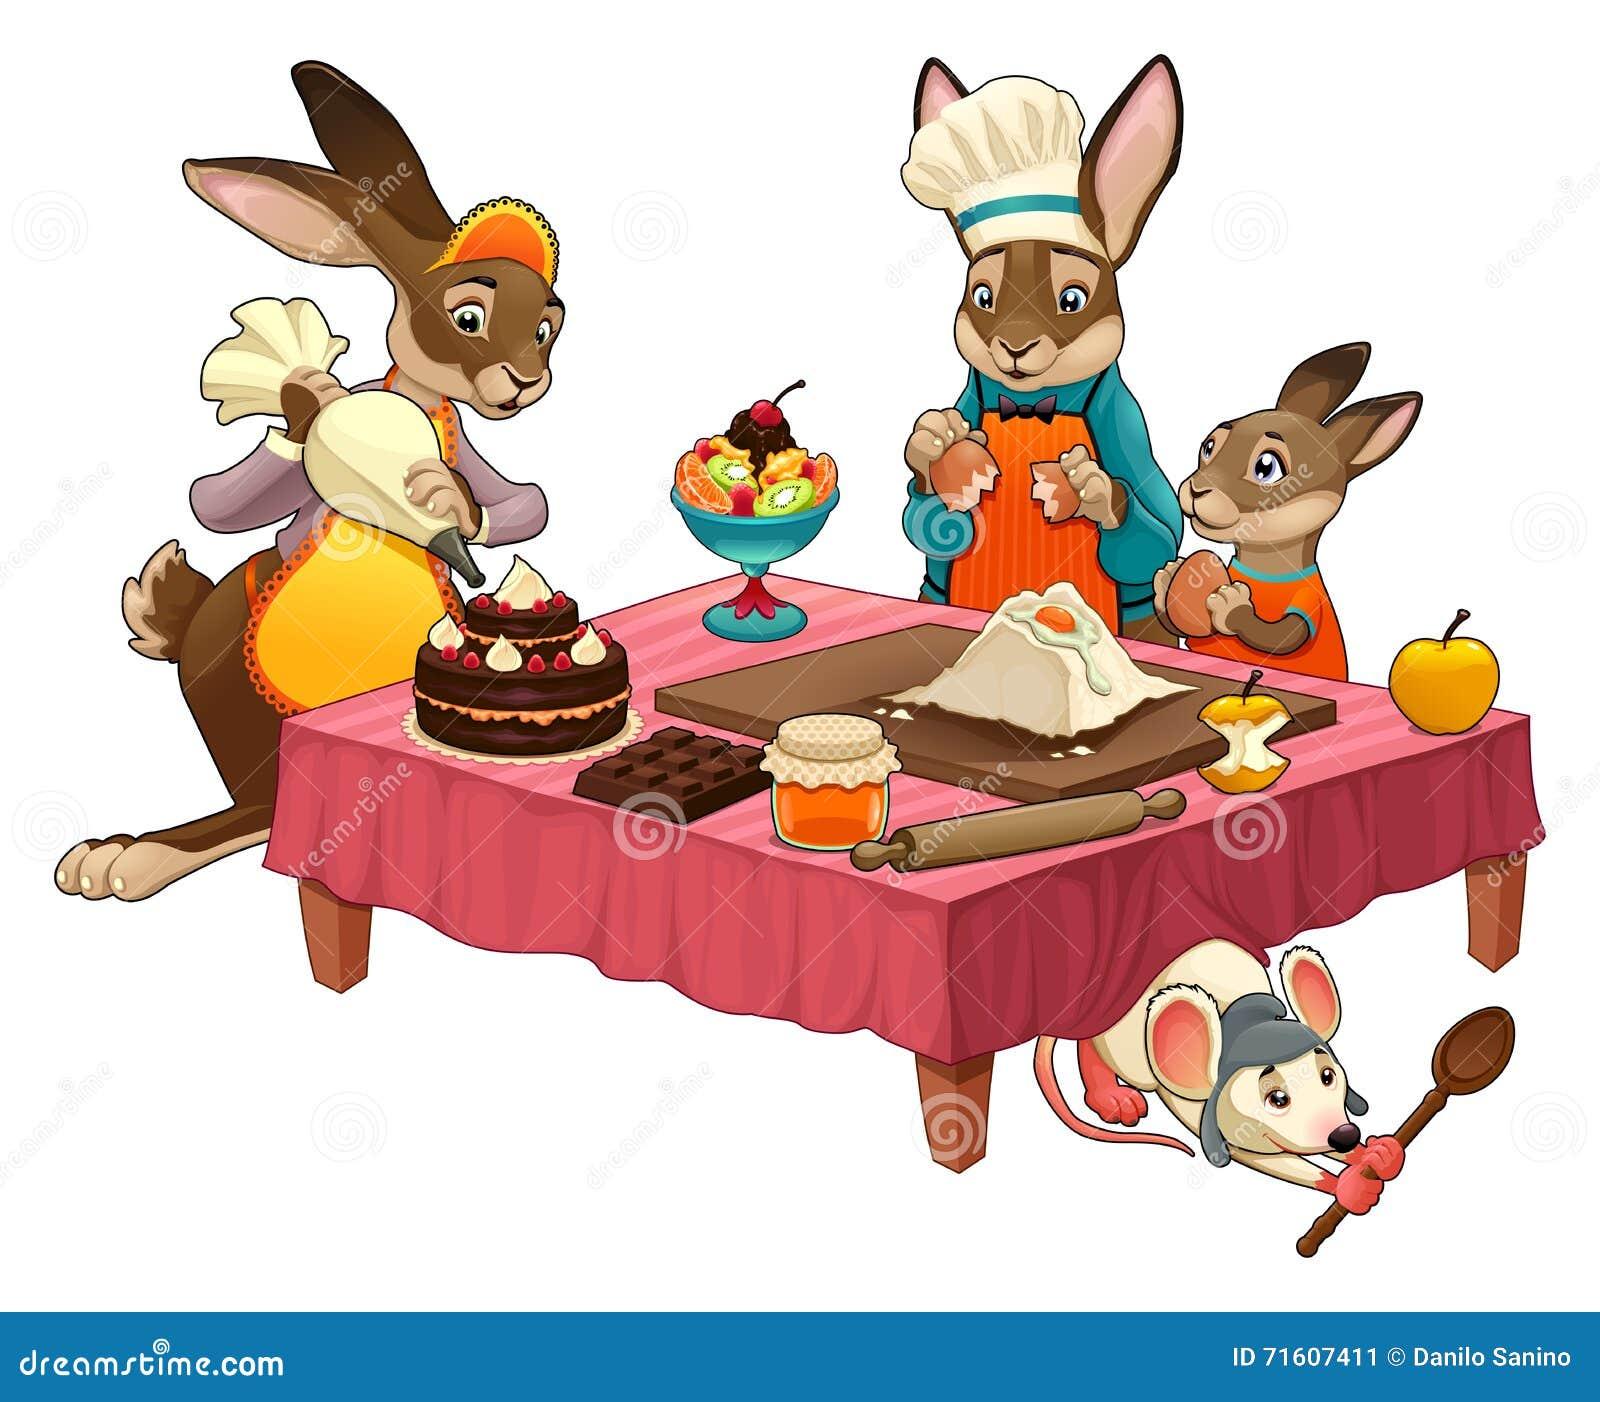 Grappige het koken sc ne die met konijnen snoepjes maken vector illustratie afbeelding 71607411 - Koken afbeelding ...